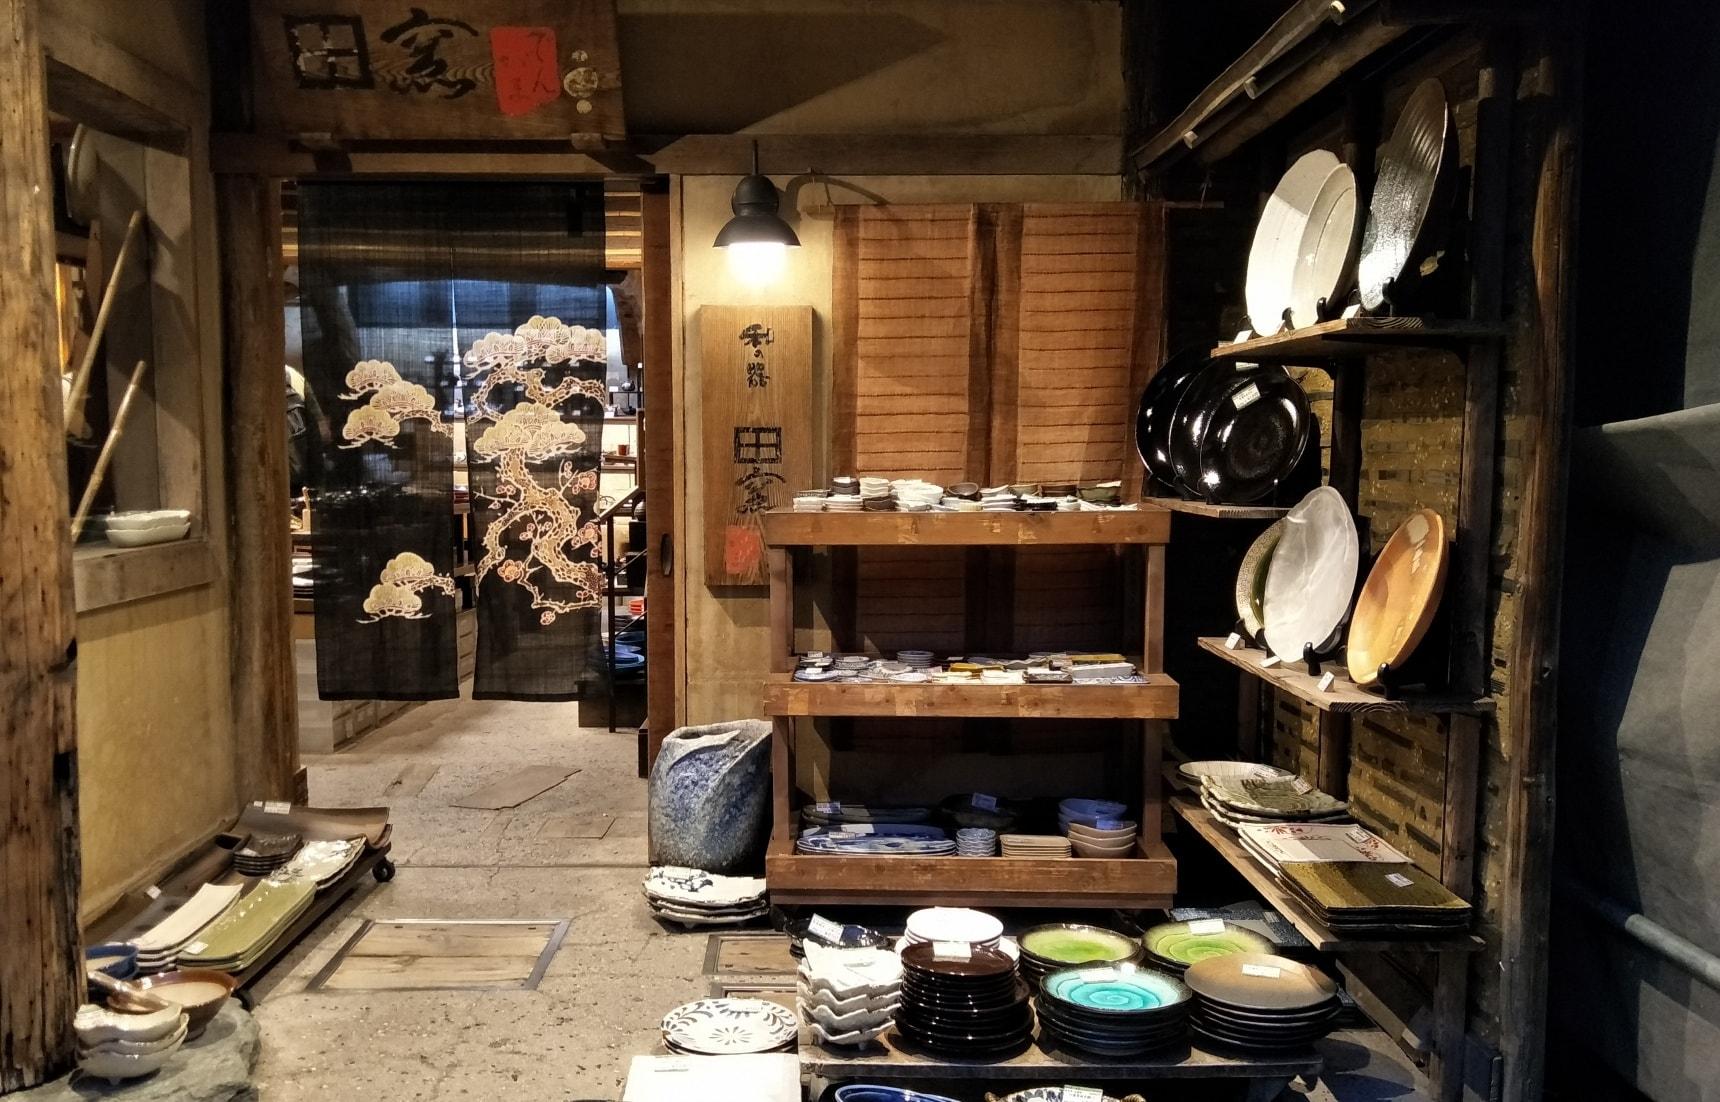 【東京自由行】好想再訪淺草,淺草寺以外的一日散策推薦